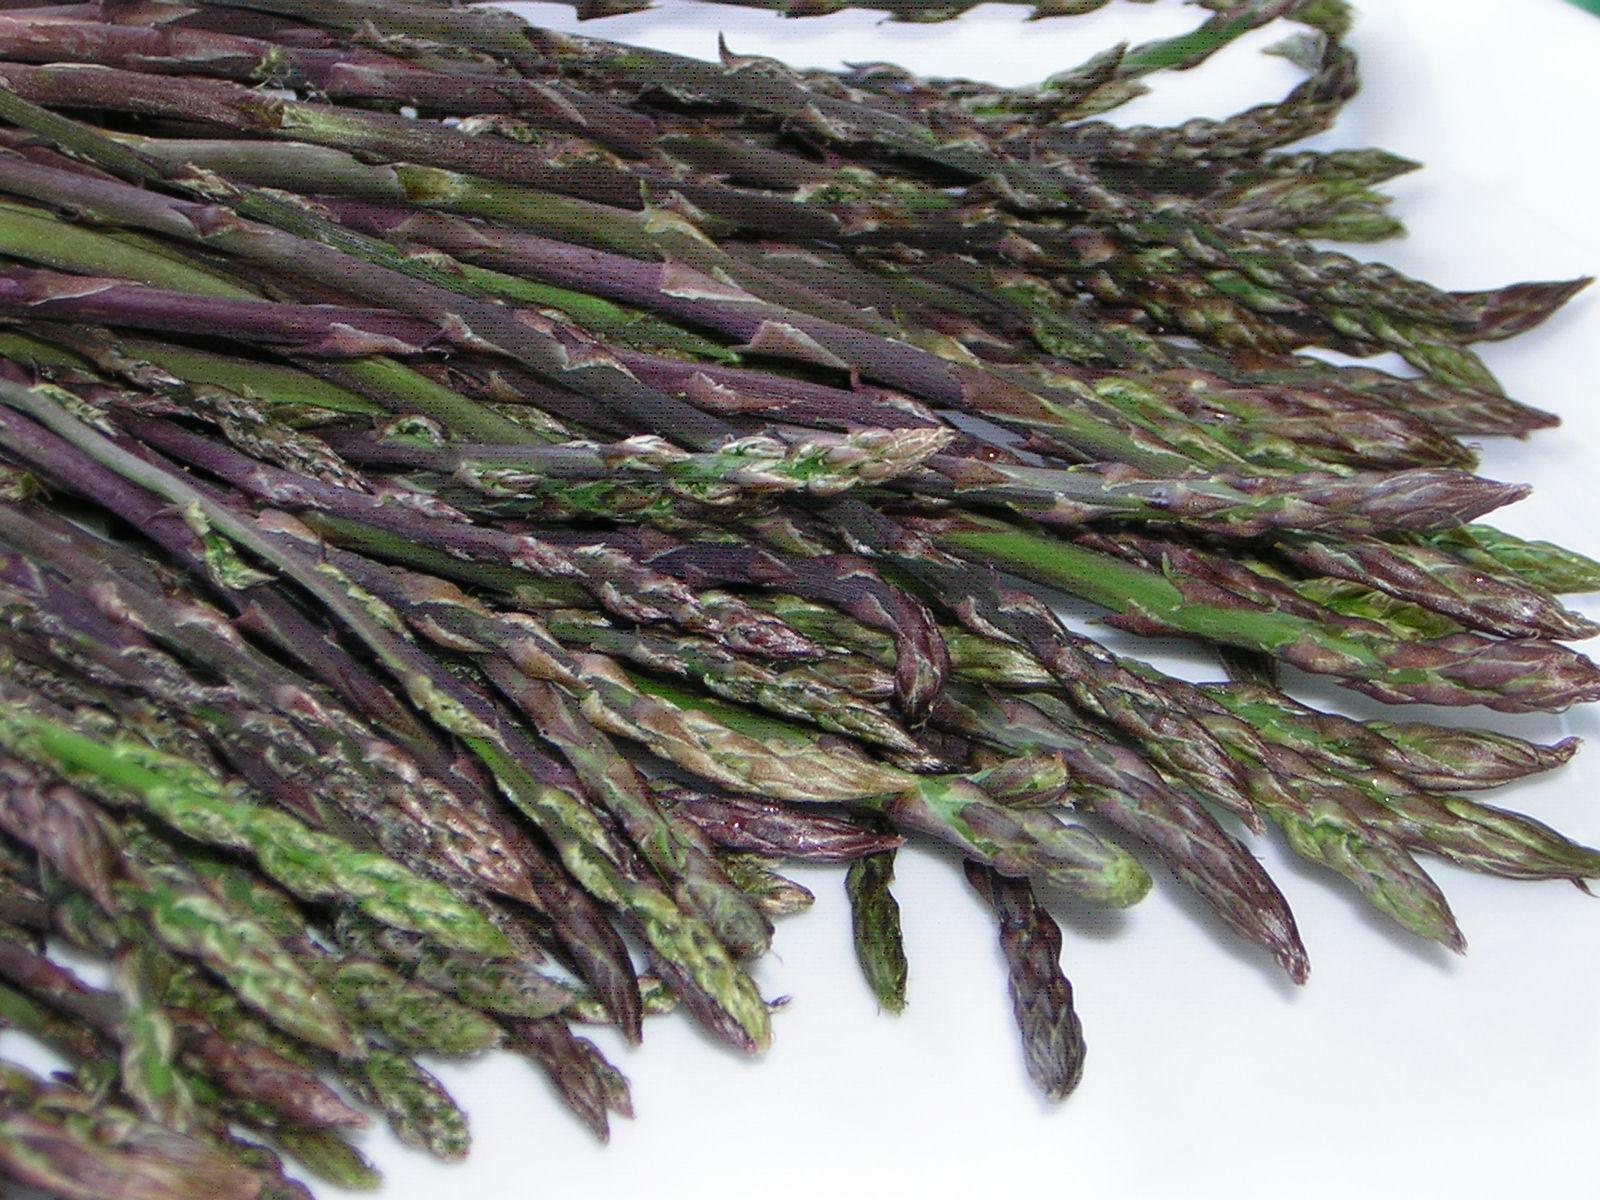 gli asparagi selvatici